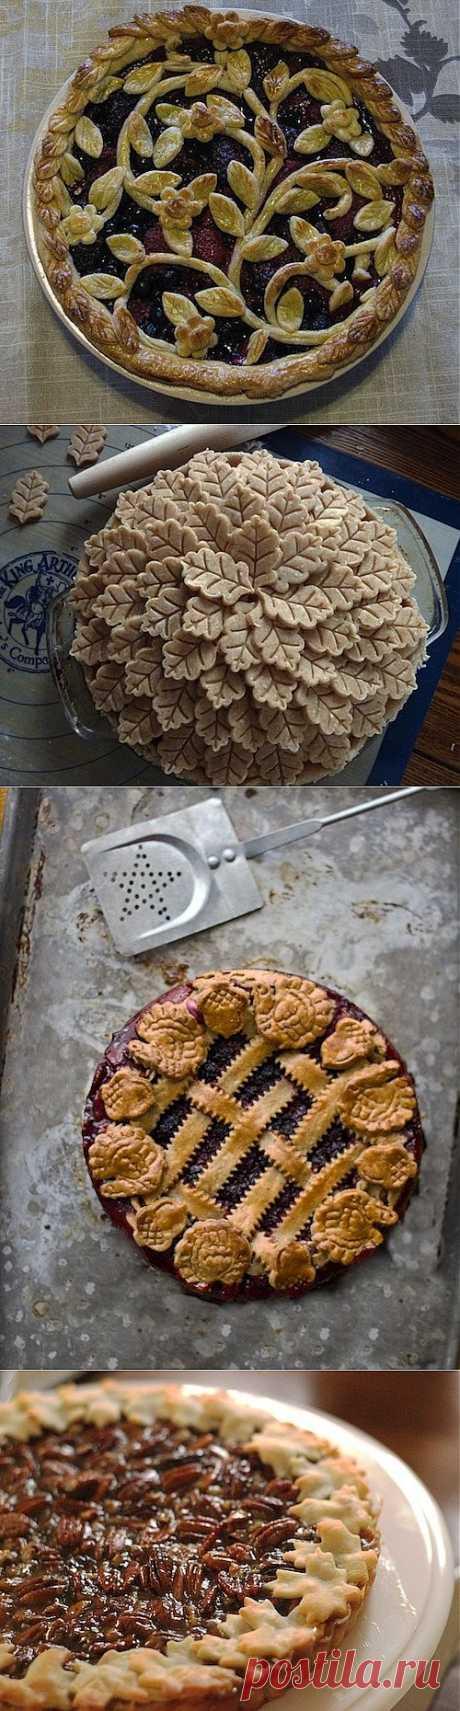 Как сделать пирог еще красивее (часть-1 ) | Наш дом